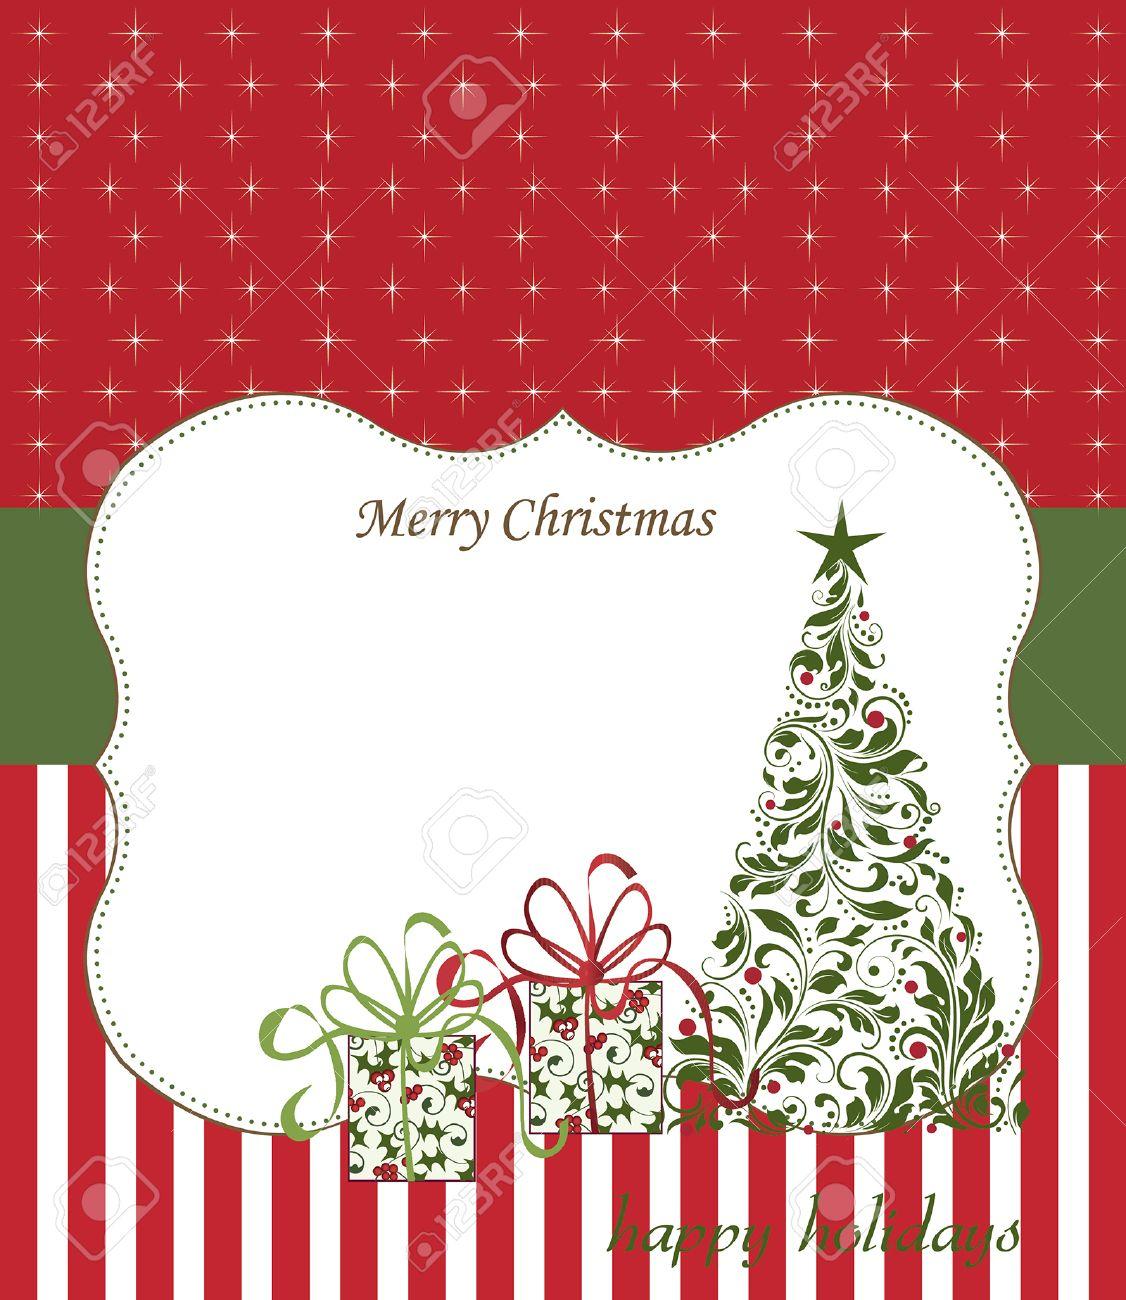 Diseo De Tarjetas De Navidad. Tarjetas Navidad Campaas Navidad Diseo ...